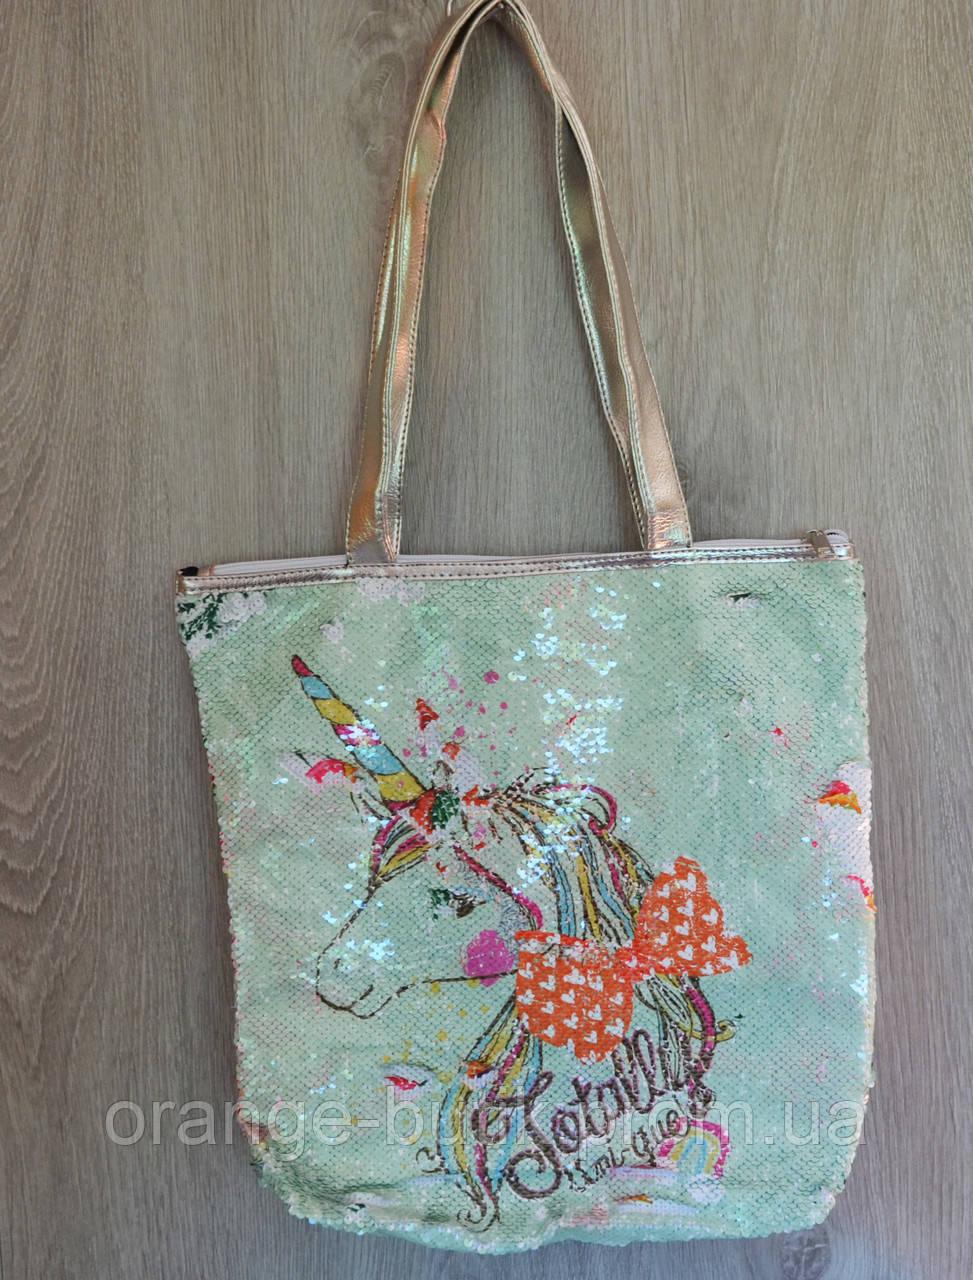 421aabecb8d4 Стильная летняя городская, пляжная сумка с пайетками и принтом единорога,  ассортимент цветов - Интернет